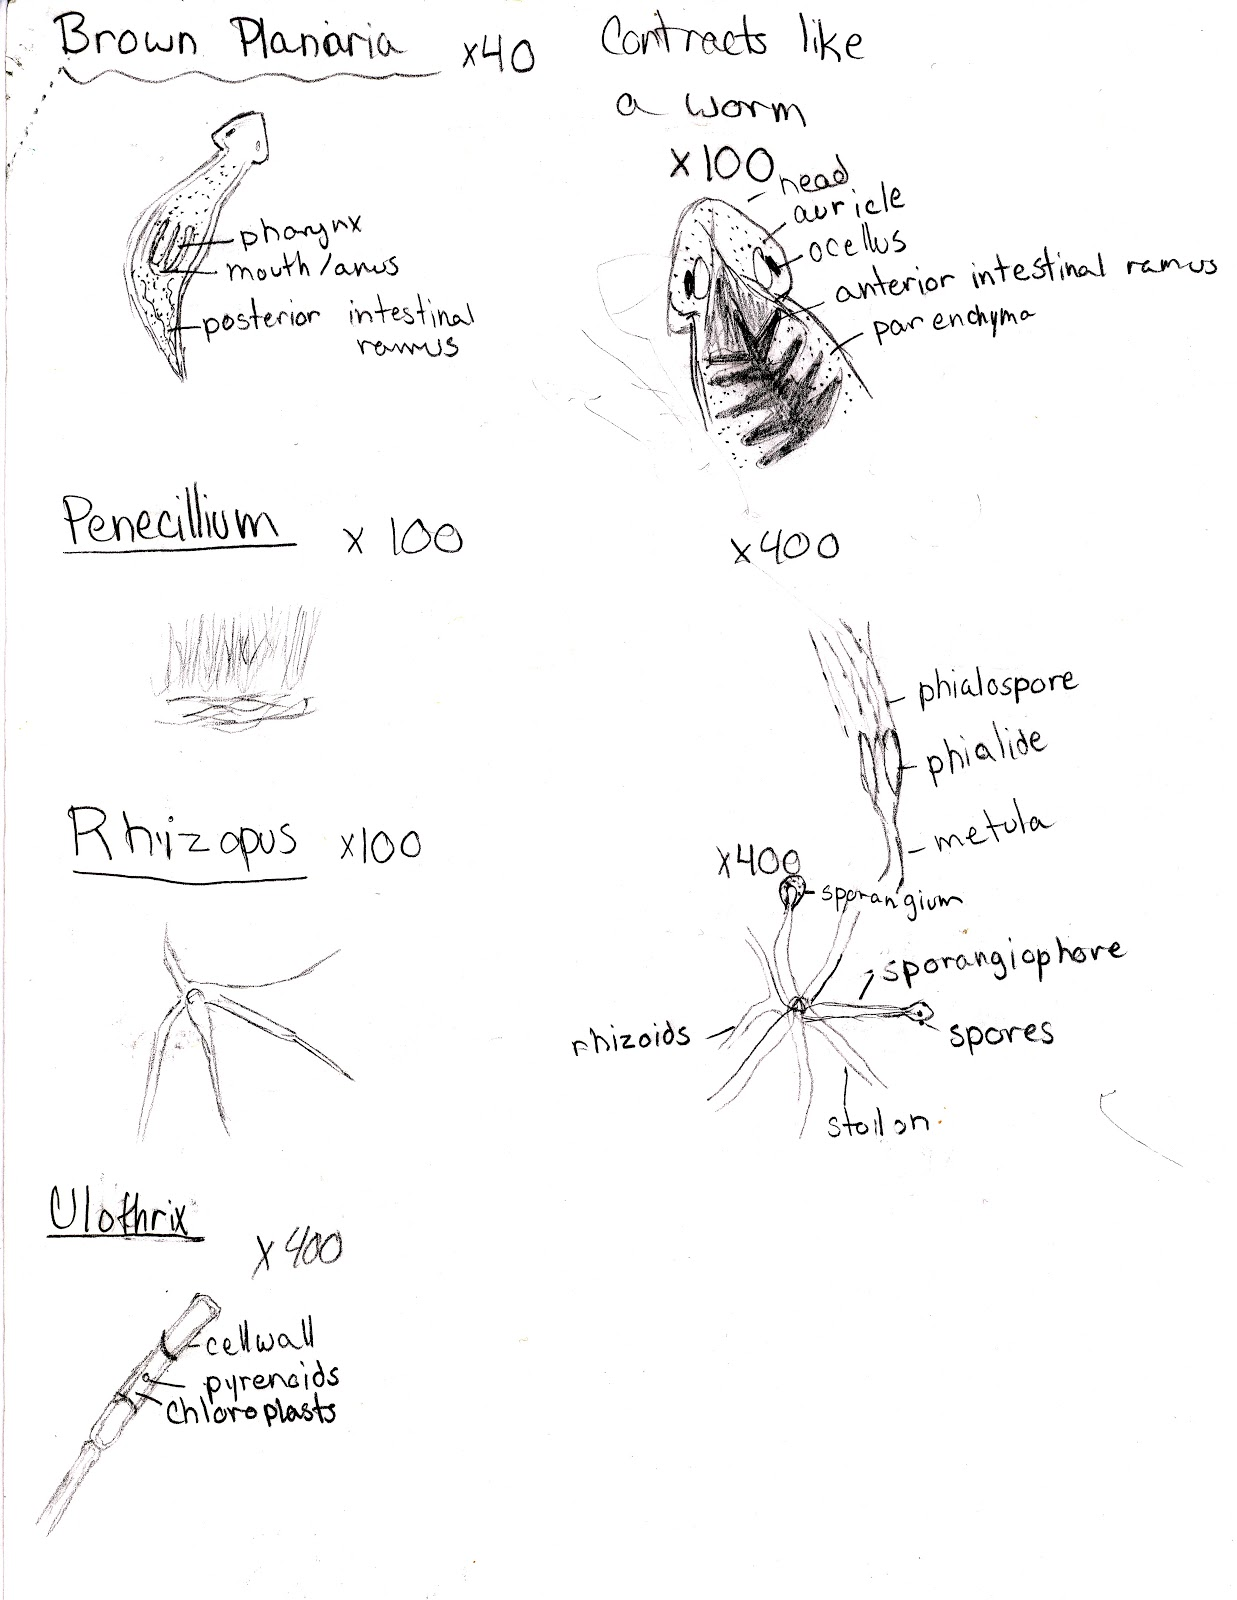 Chonteal Ramsey's Biology 20 Blog: November 2012